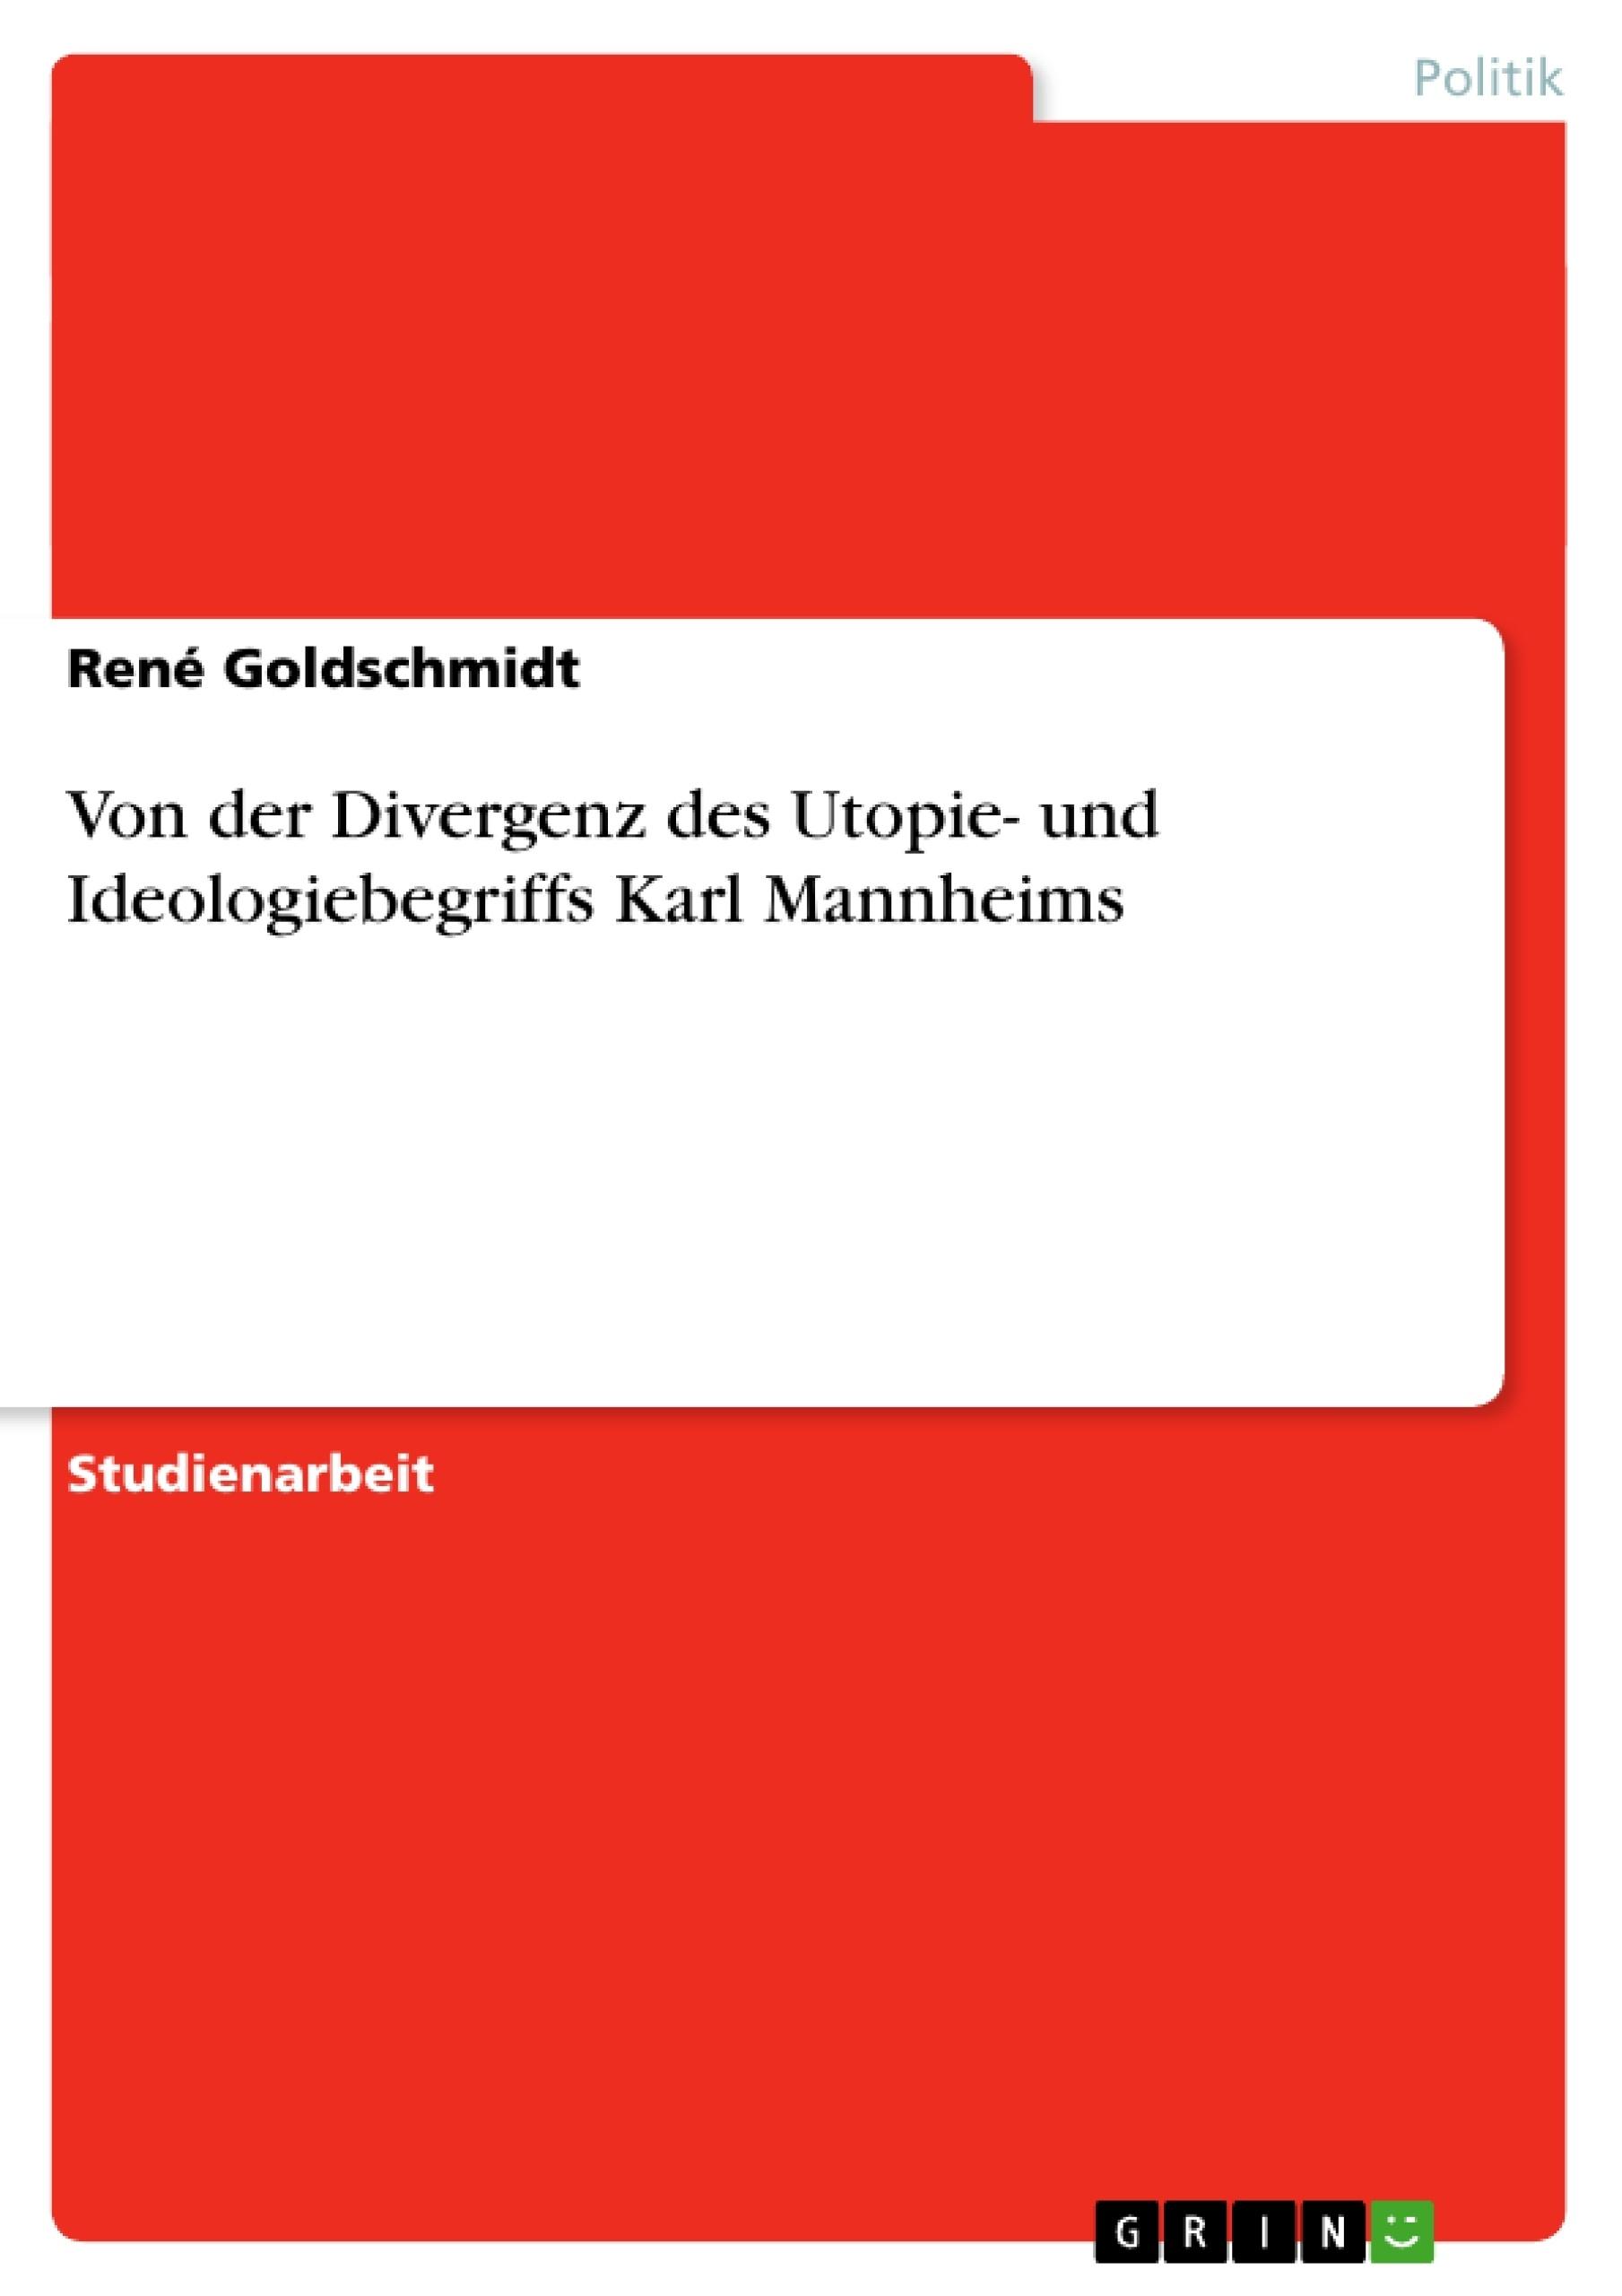 Titel: Von der Divergenz des Utopie- und Ideologiebegriffs Karl Mannheims